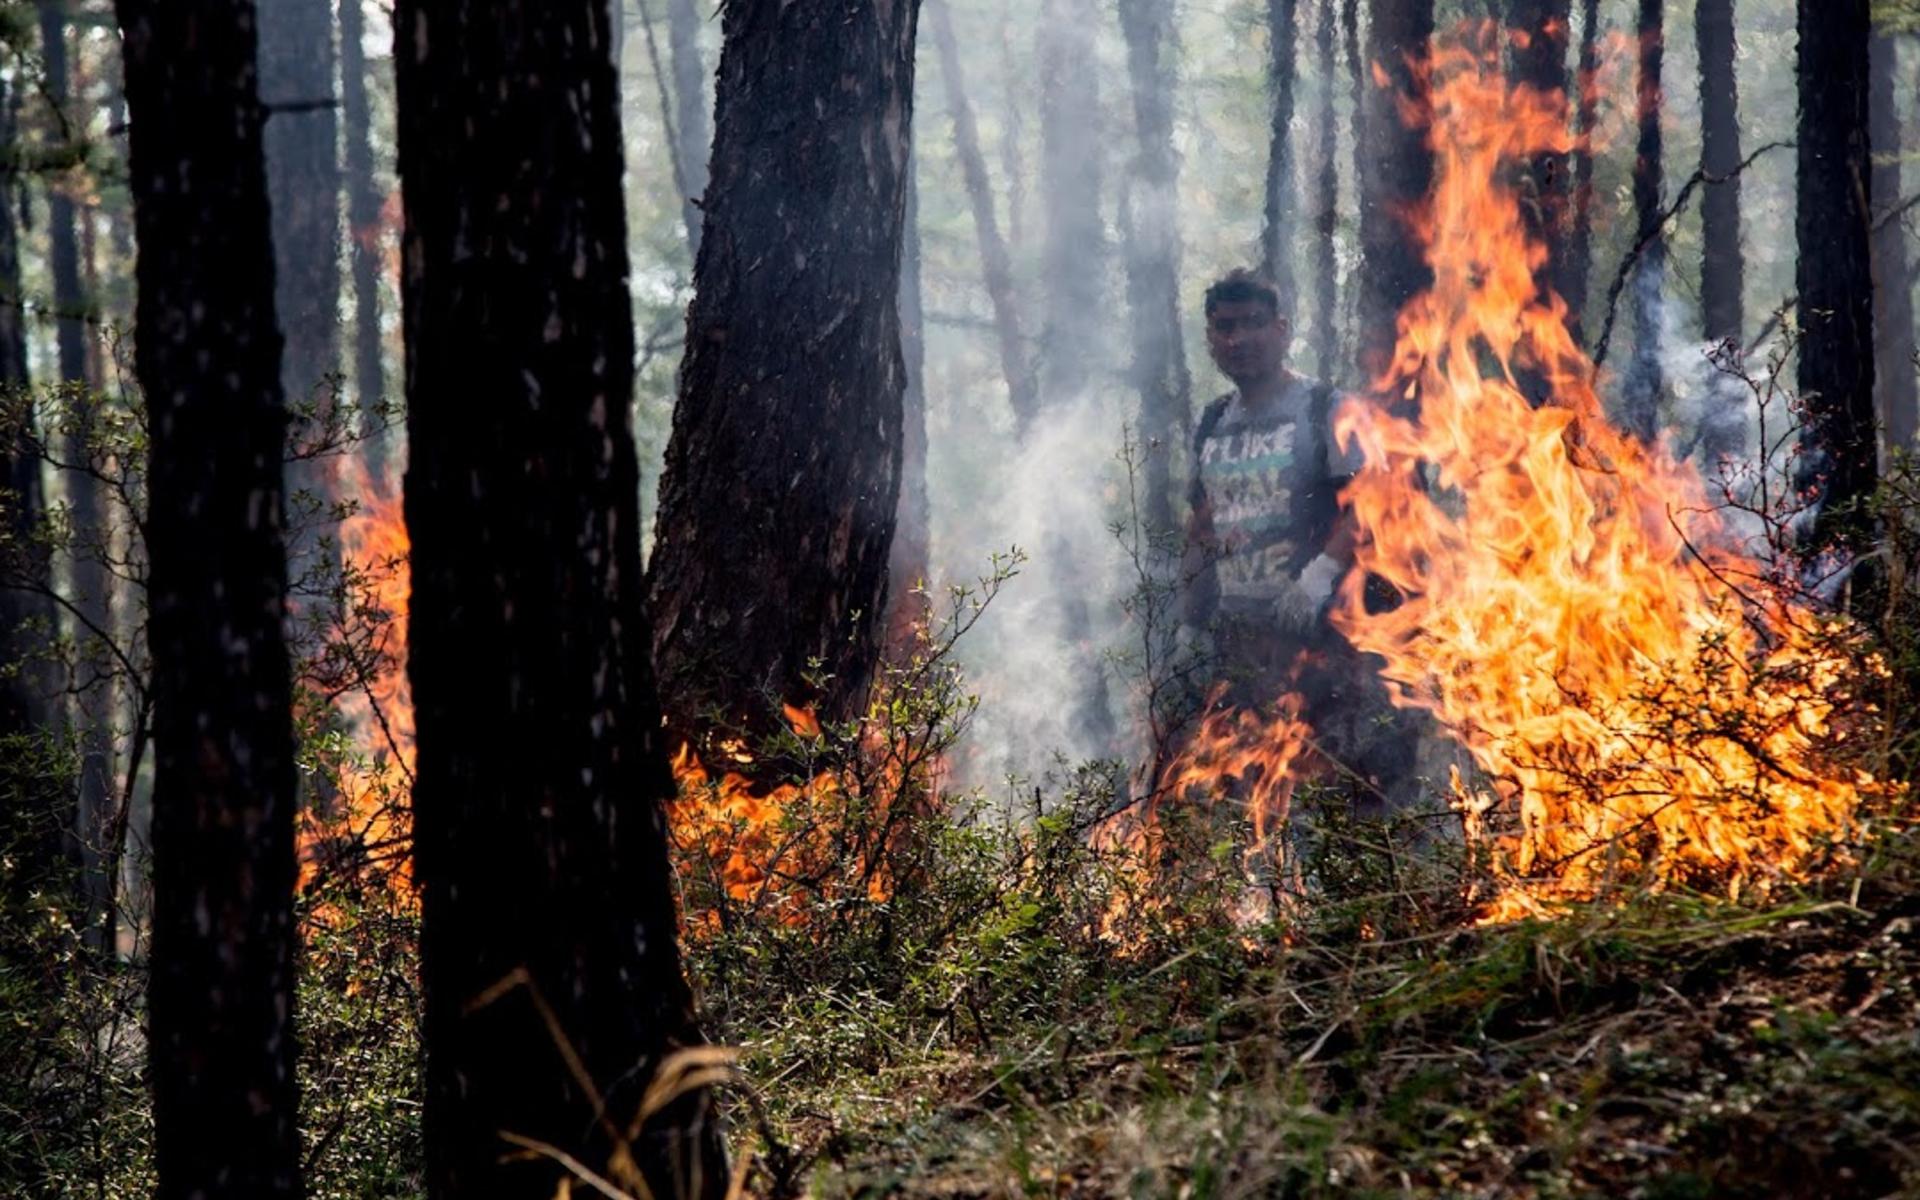 картинки лесов в огне букеты фрезий это